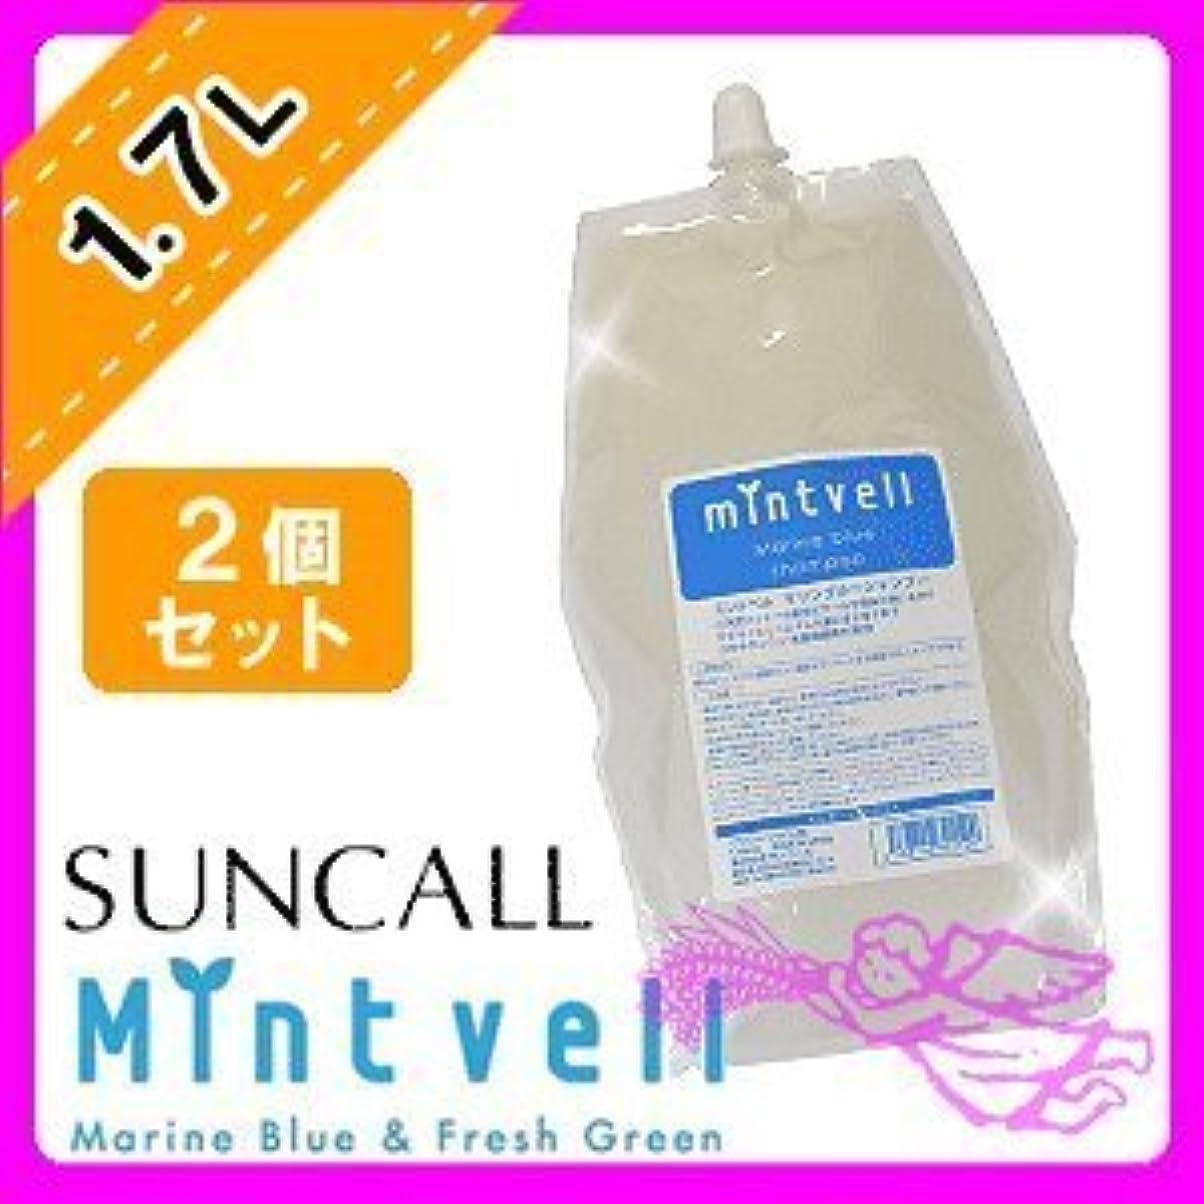 トロリー甘いシェルサンコール ミントベル マリンブルー シャンプー <1700mL×2個セット> 詰め替え用 SUNCALL mintvell メントール